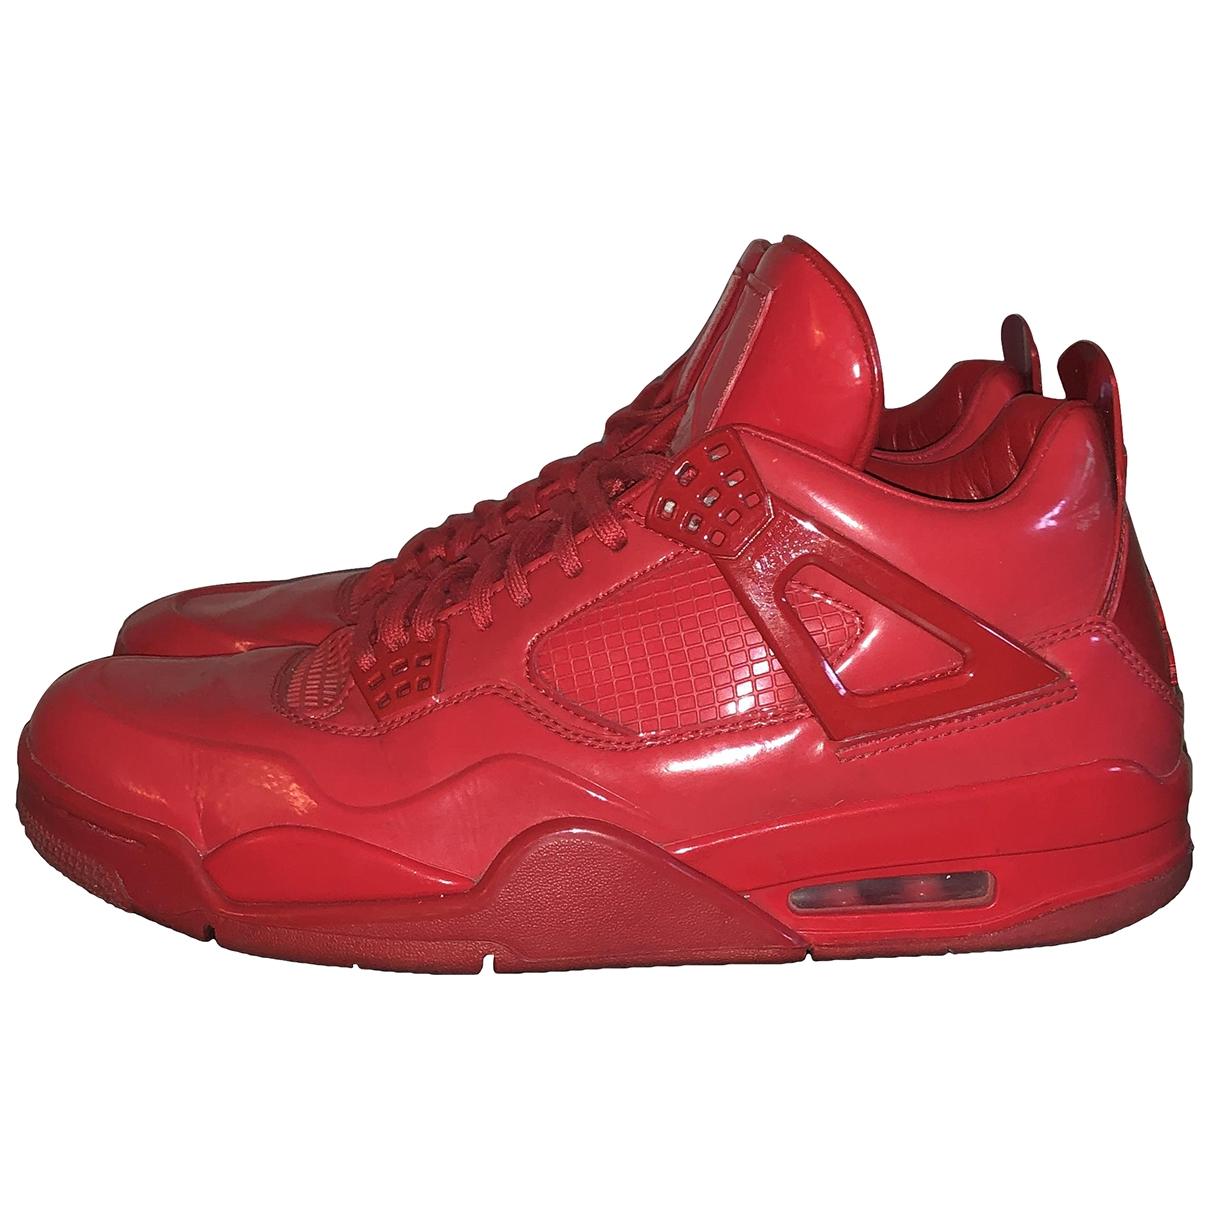 Jordan Air Jordan 11 Red Leather Trainers for Men 45 EU